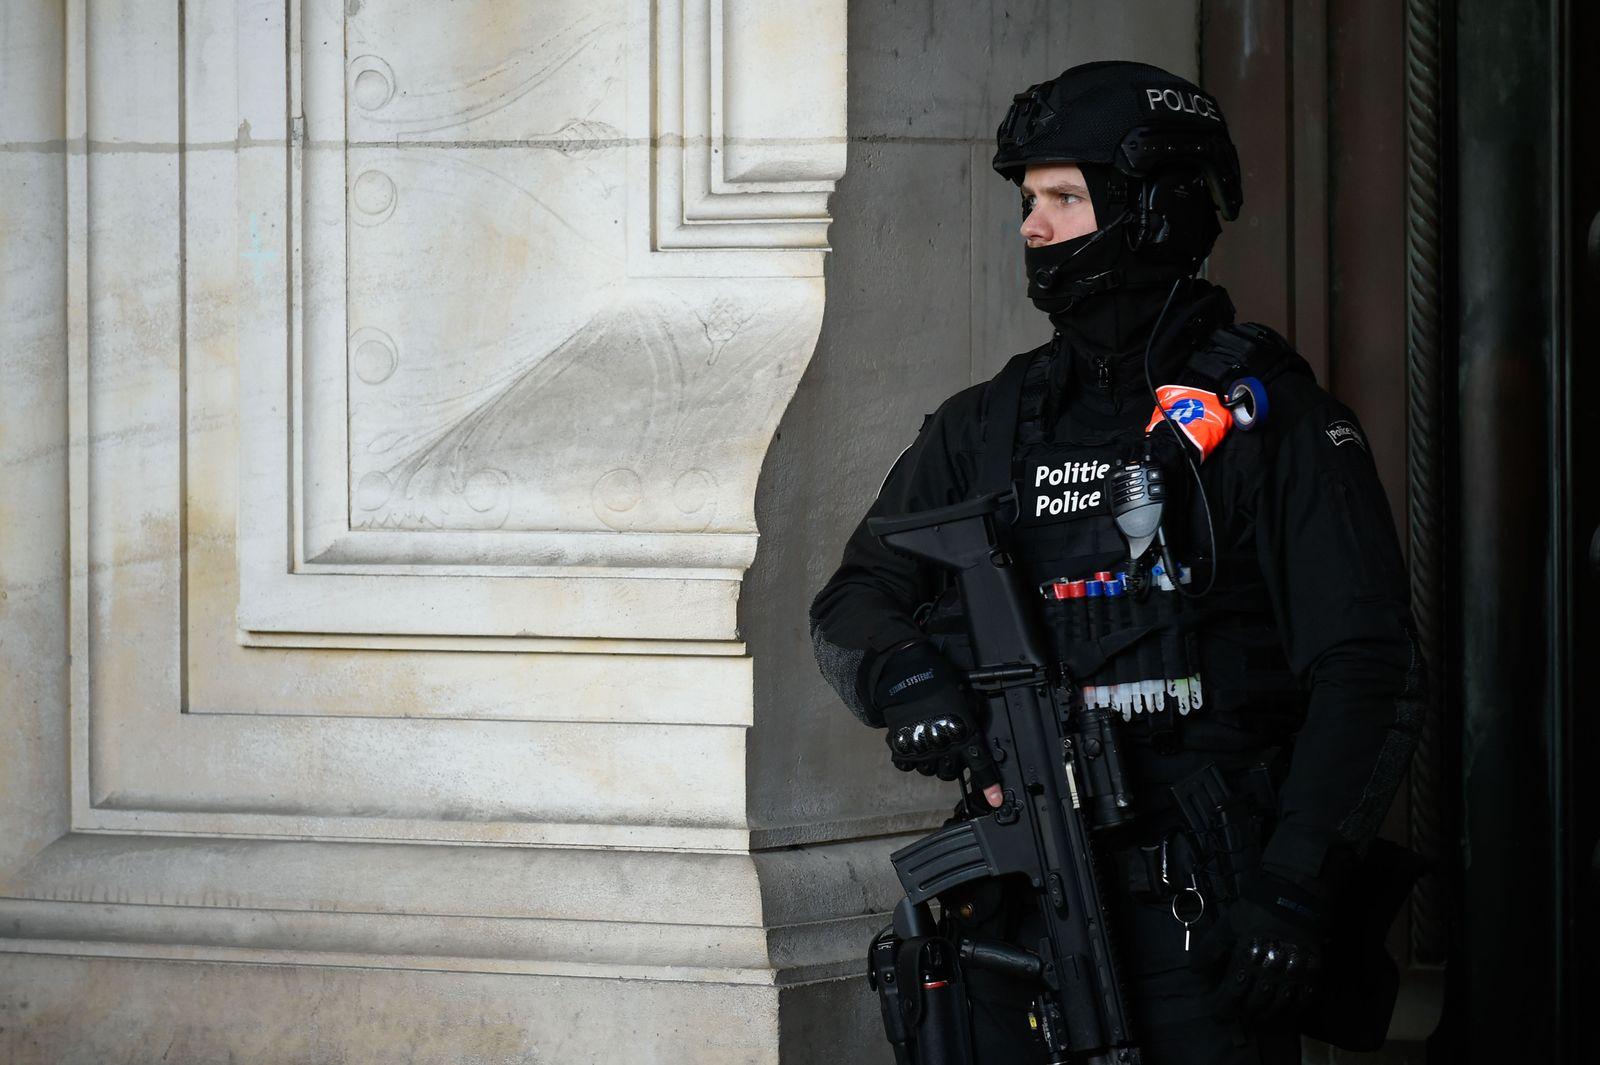 BELGIUM-FRANCE-ATTACK-MUSEUM-TRIAL